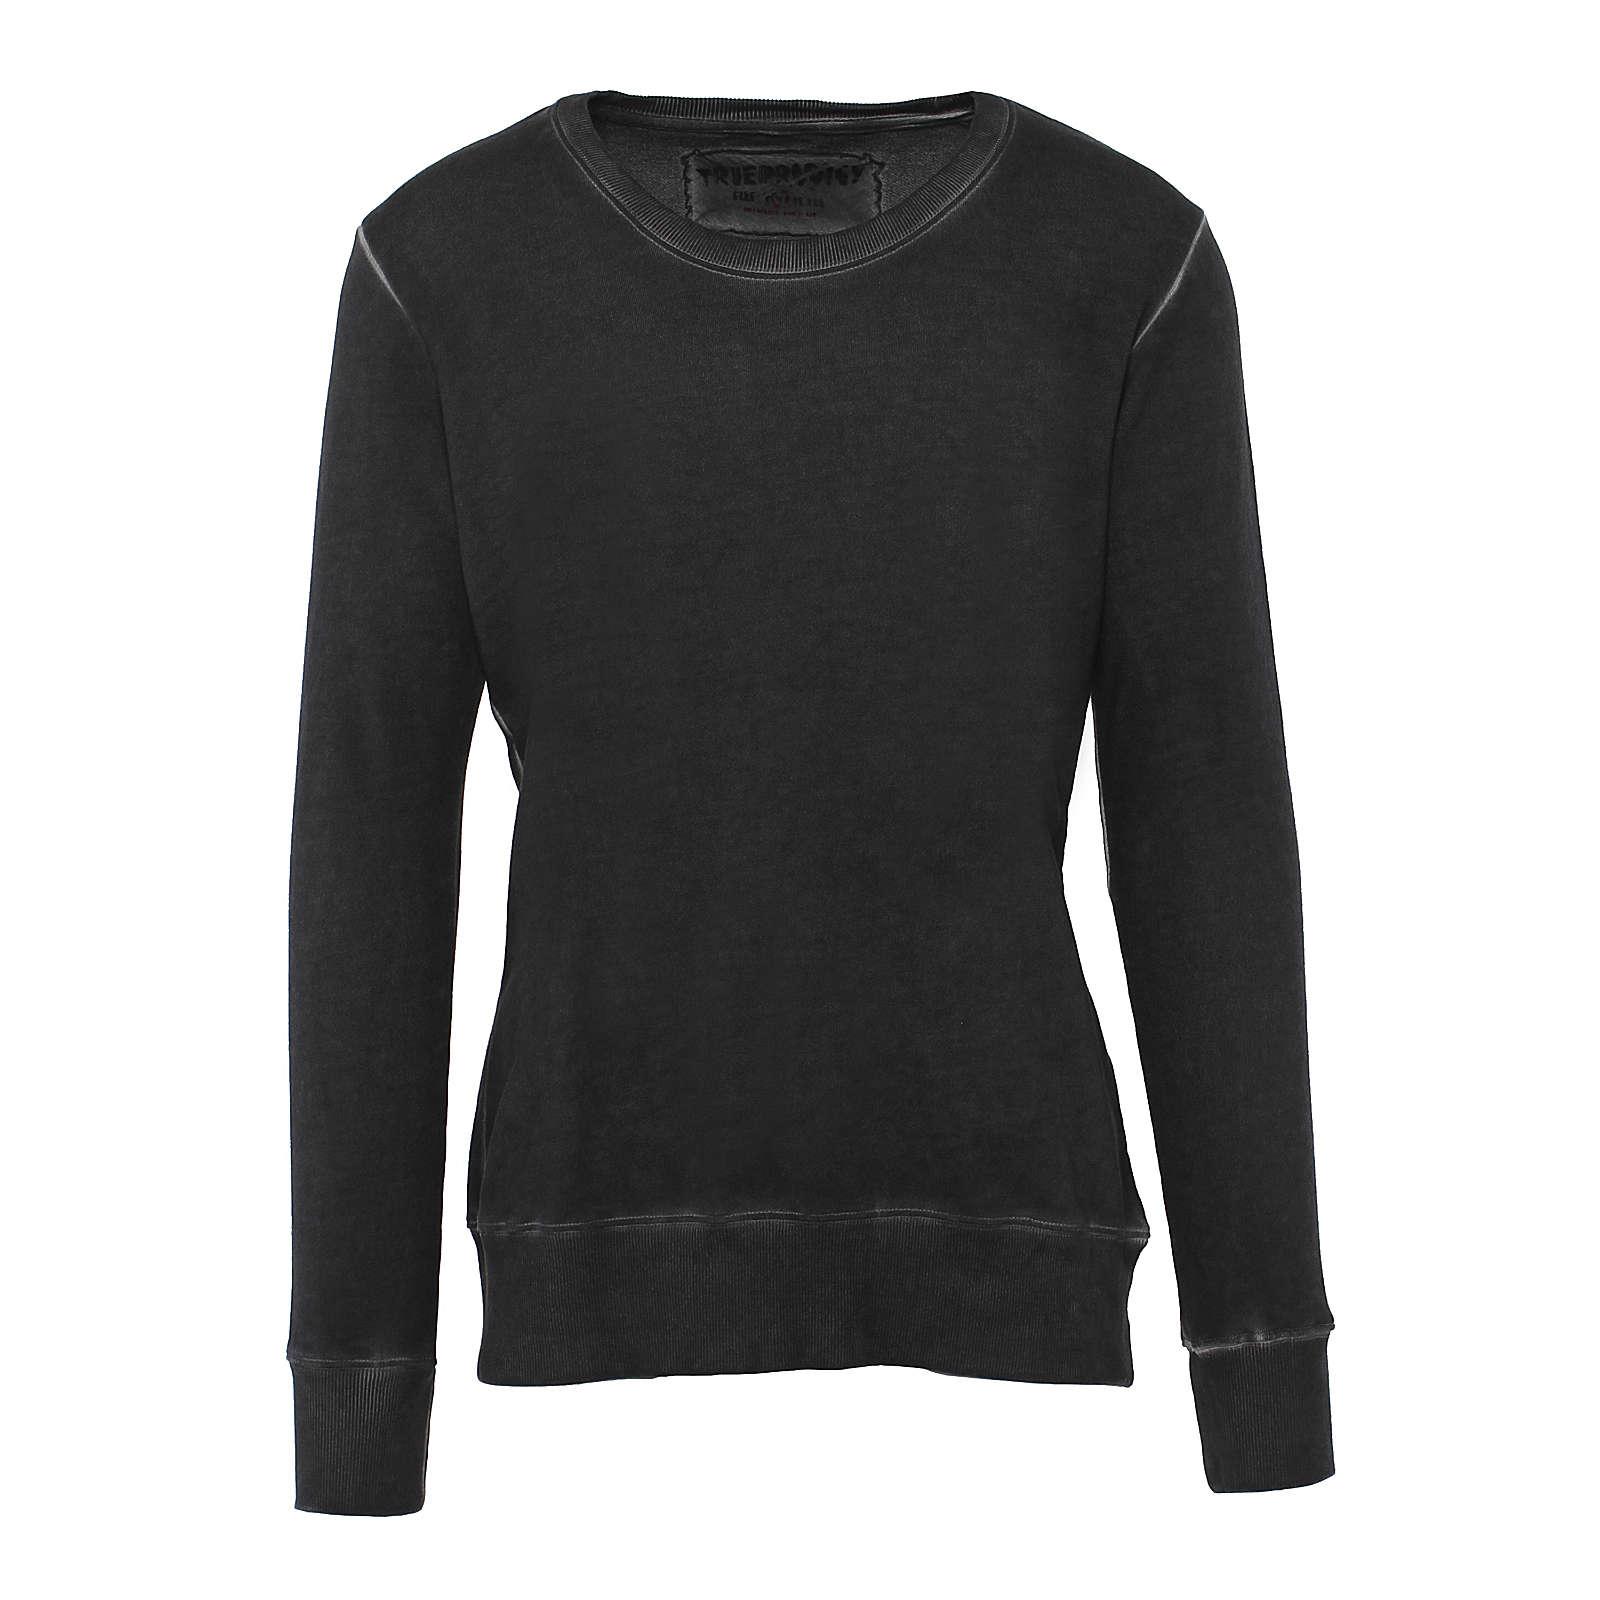 trueprodigy® Sweatshirt Hodor im Casual-Look anthrazit Herren Gr. 54